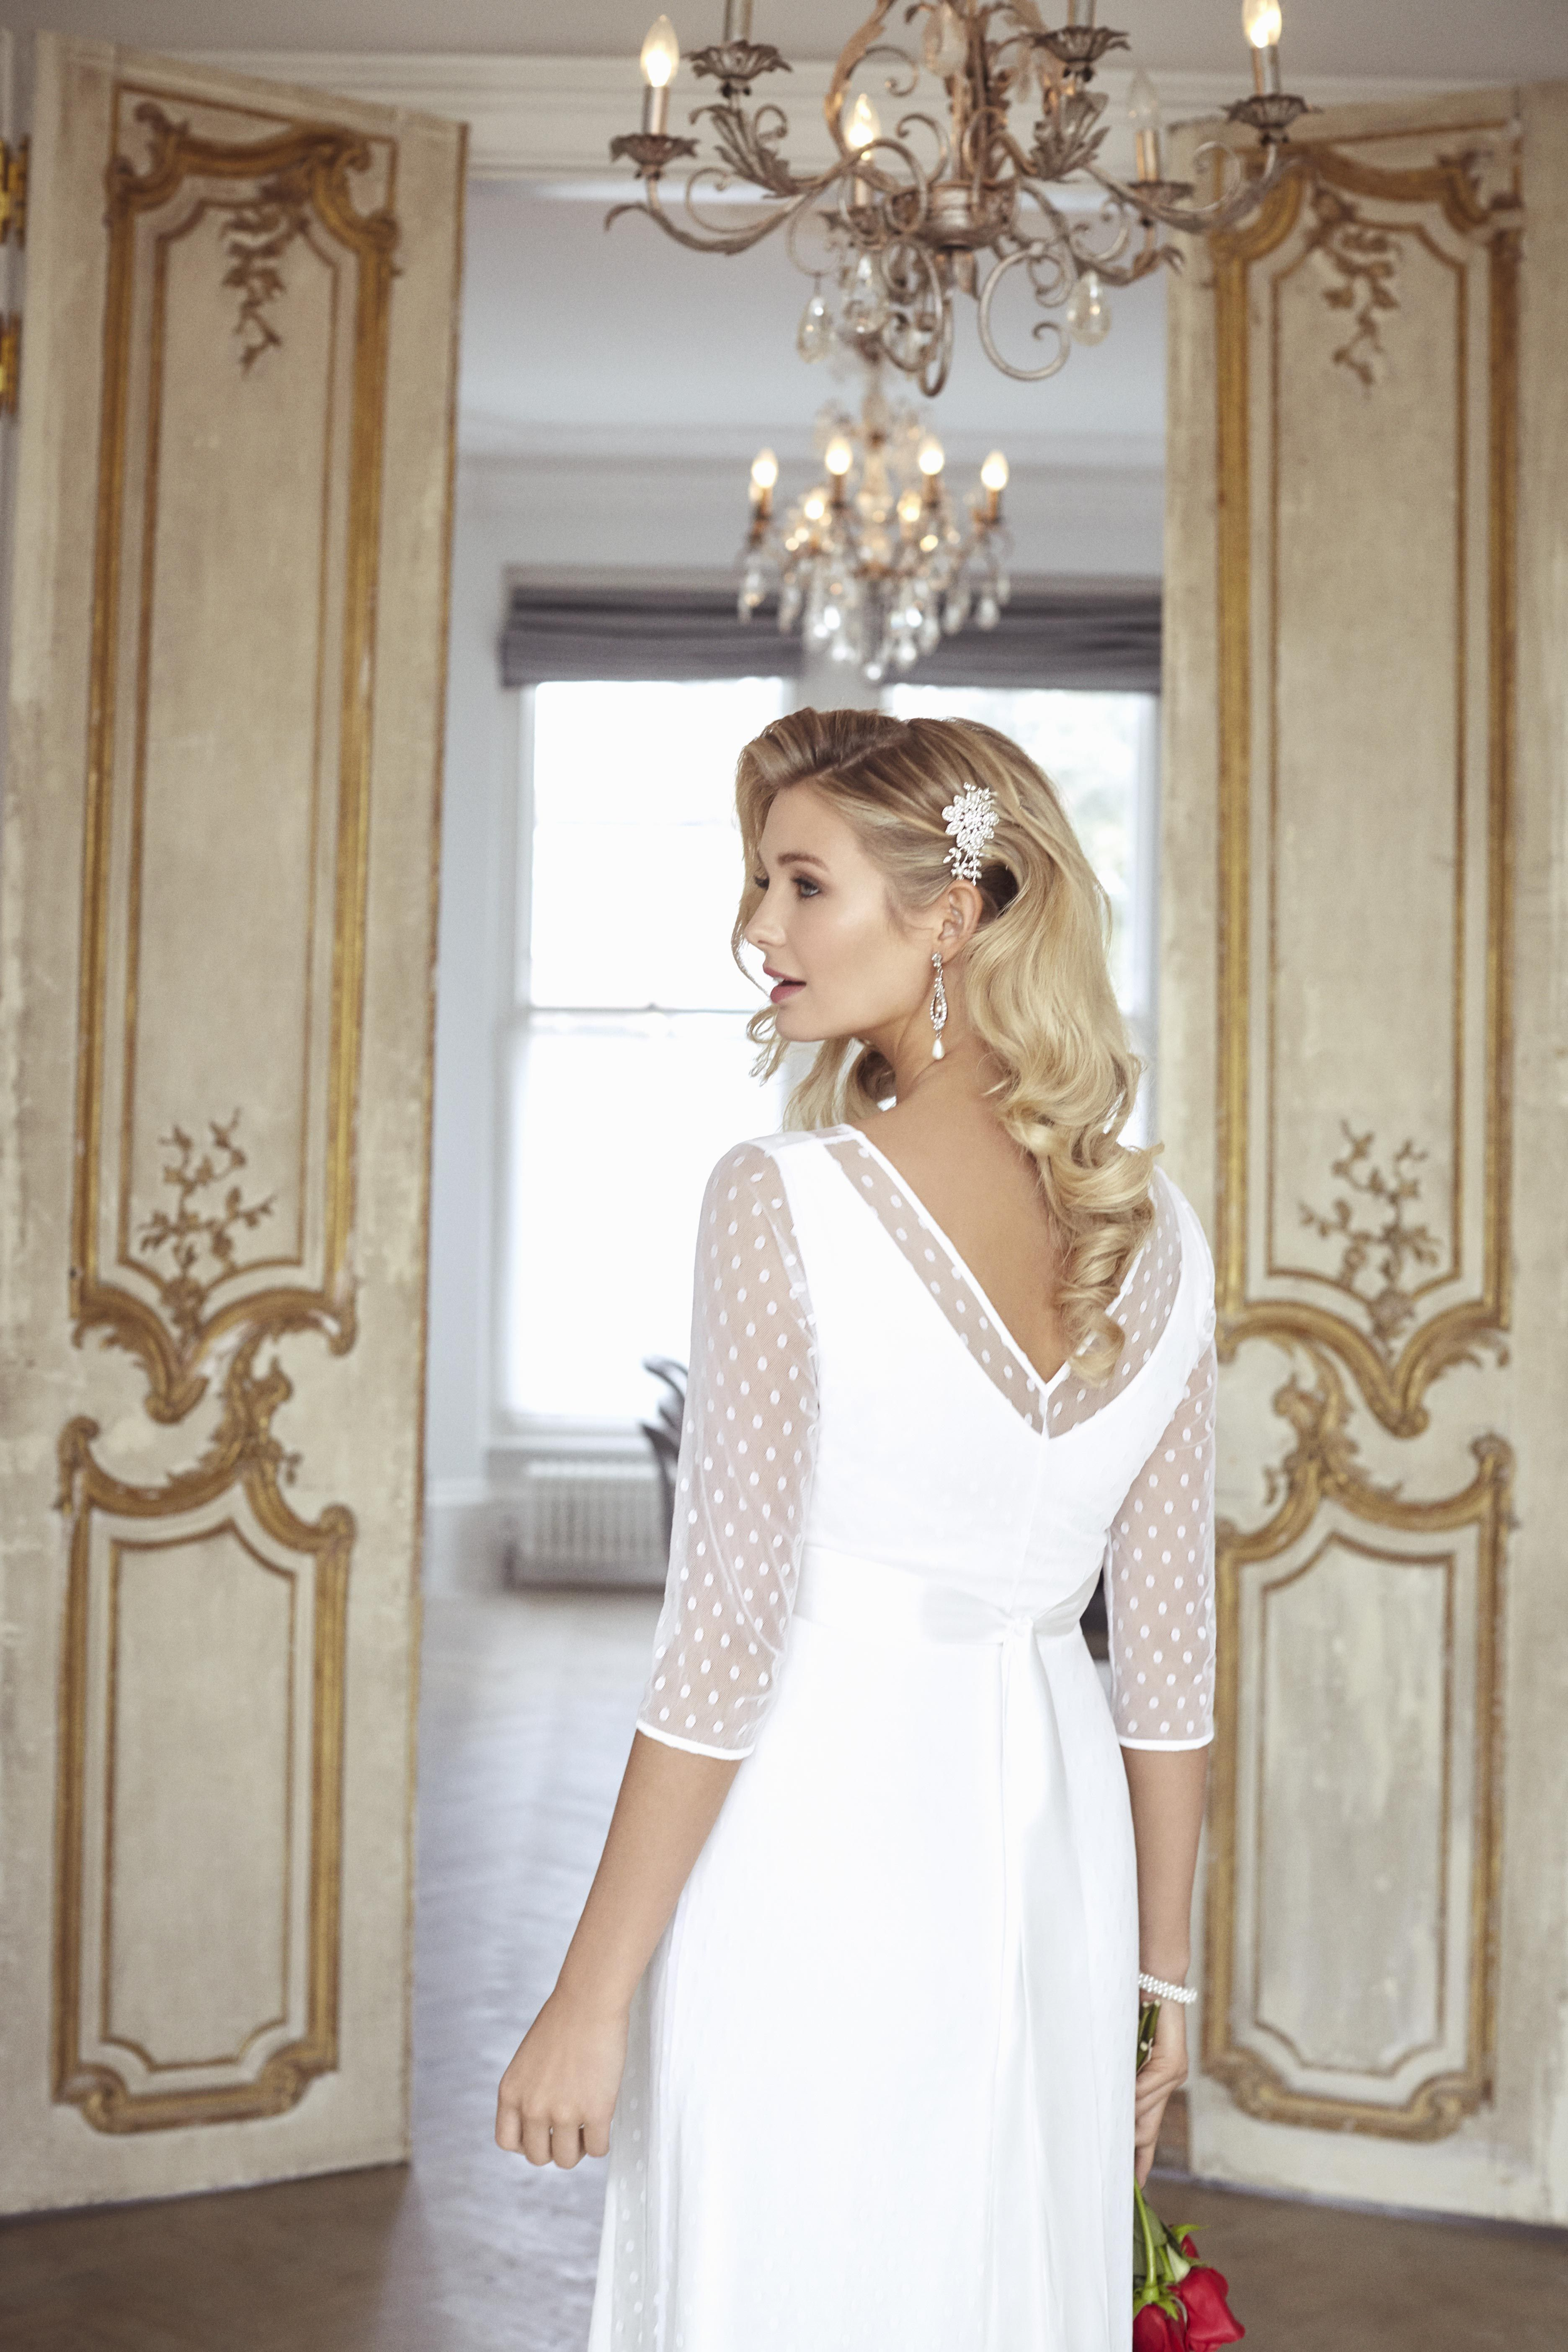 Robes de mariée la collection printempsété by tiffany rose